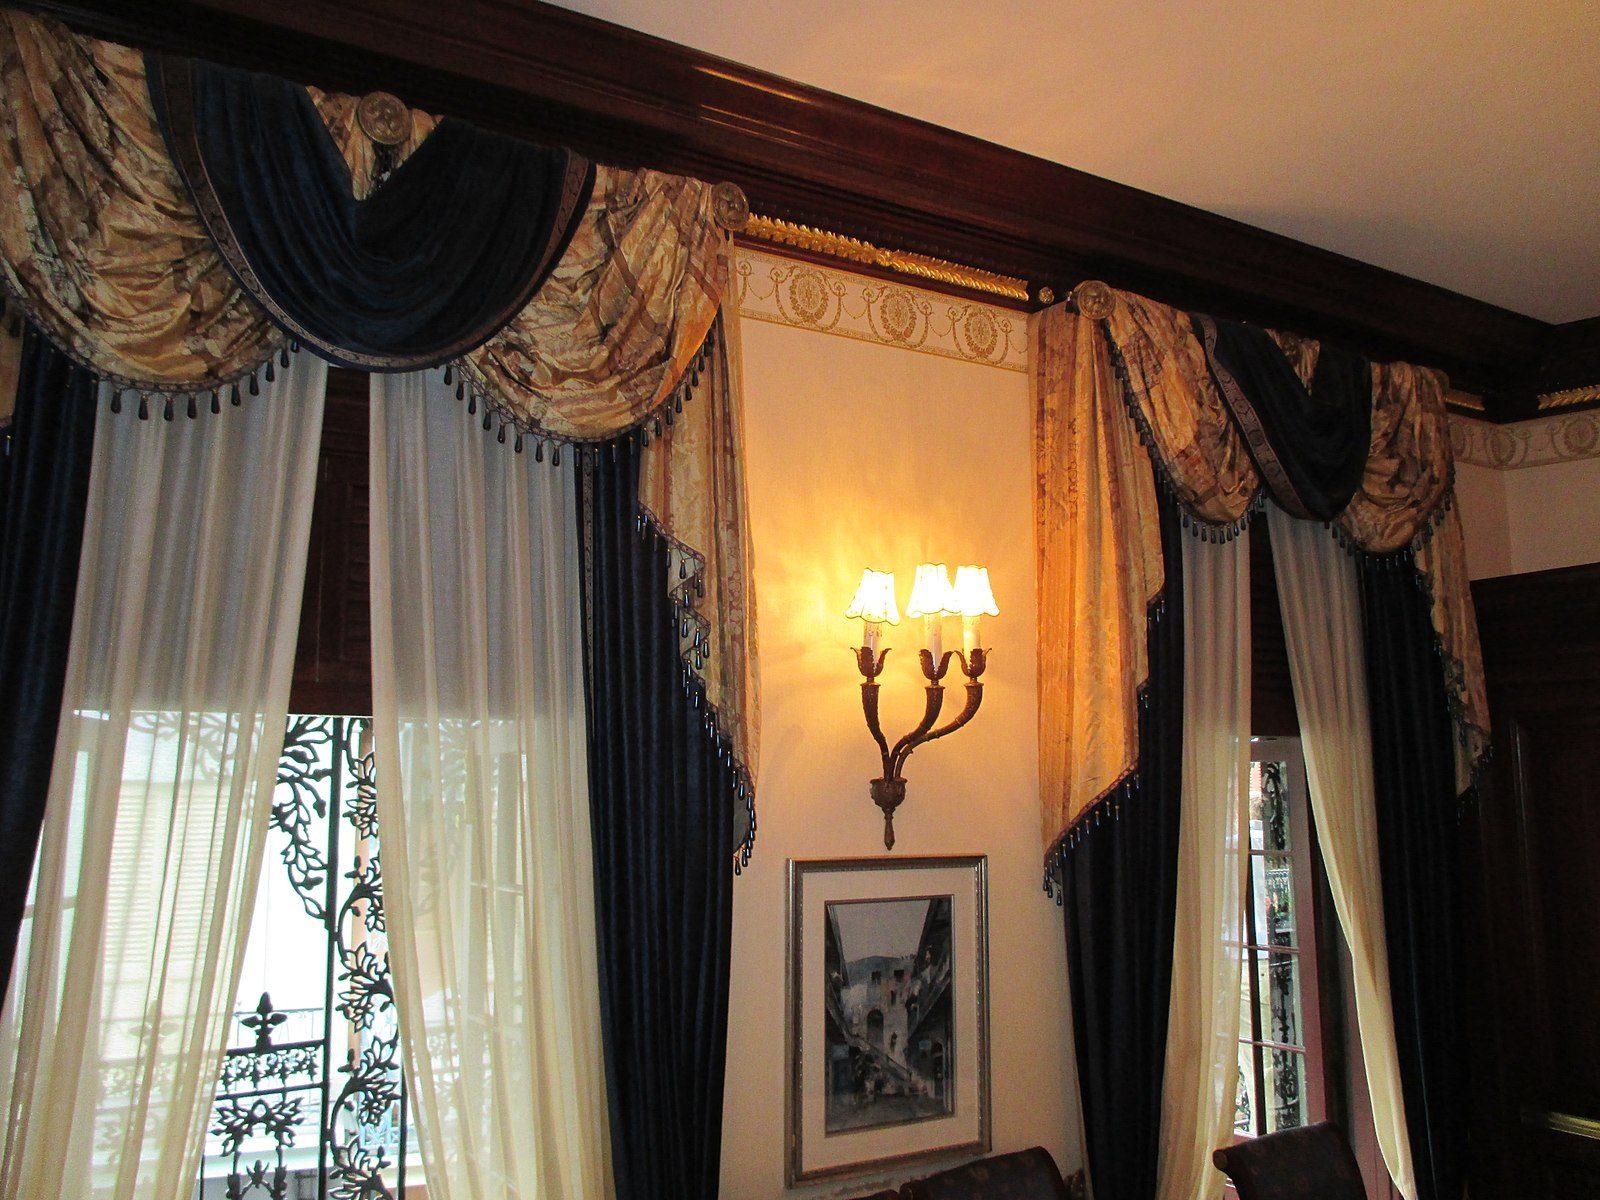 Club 33 curtains